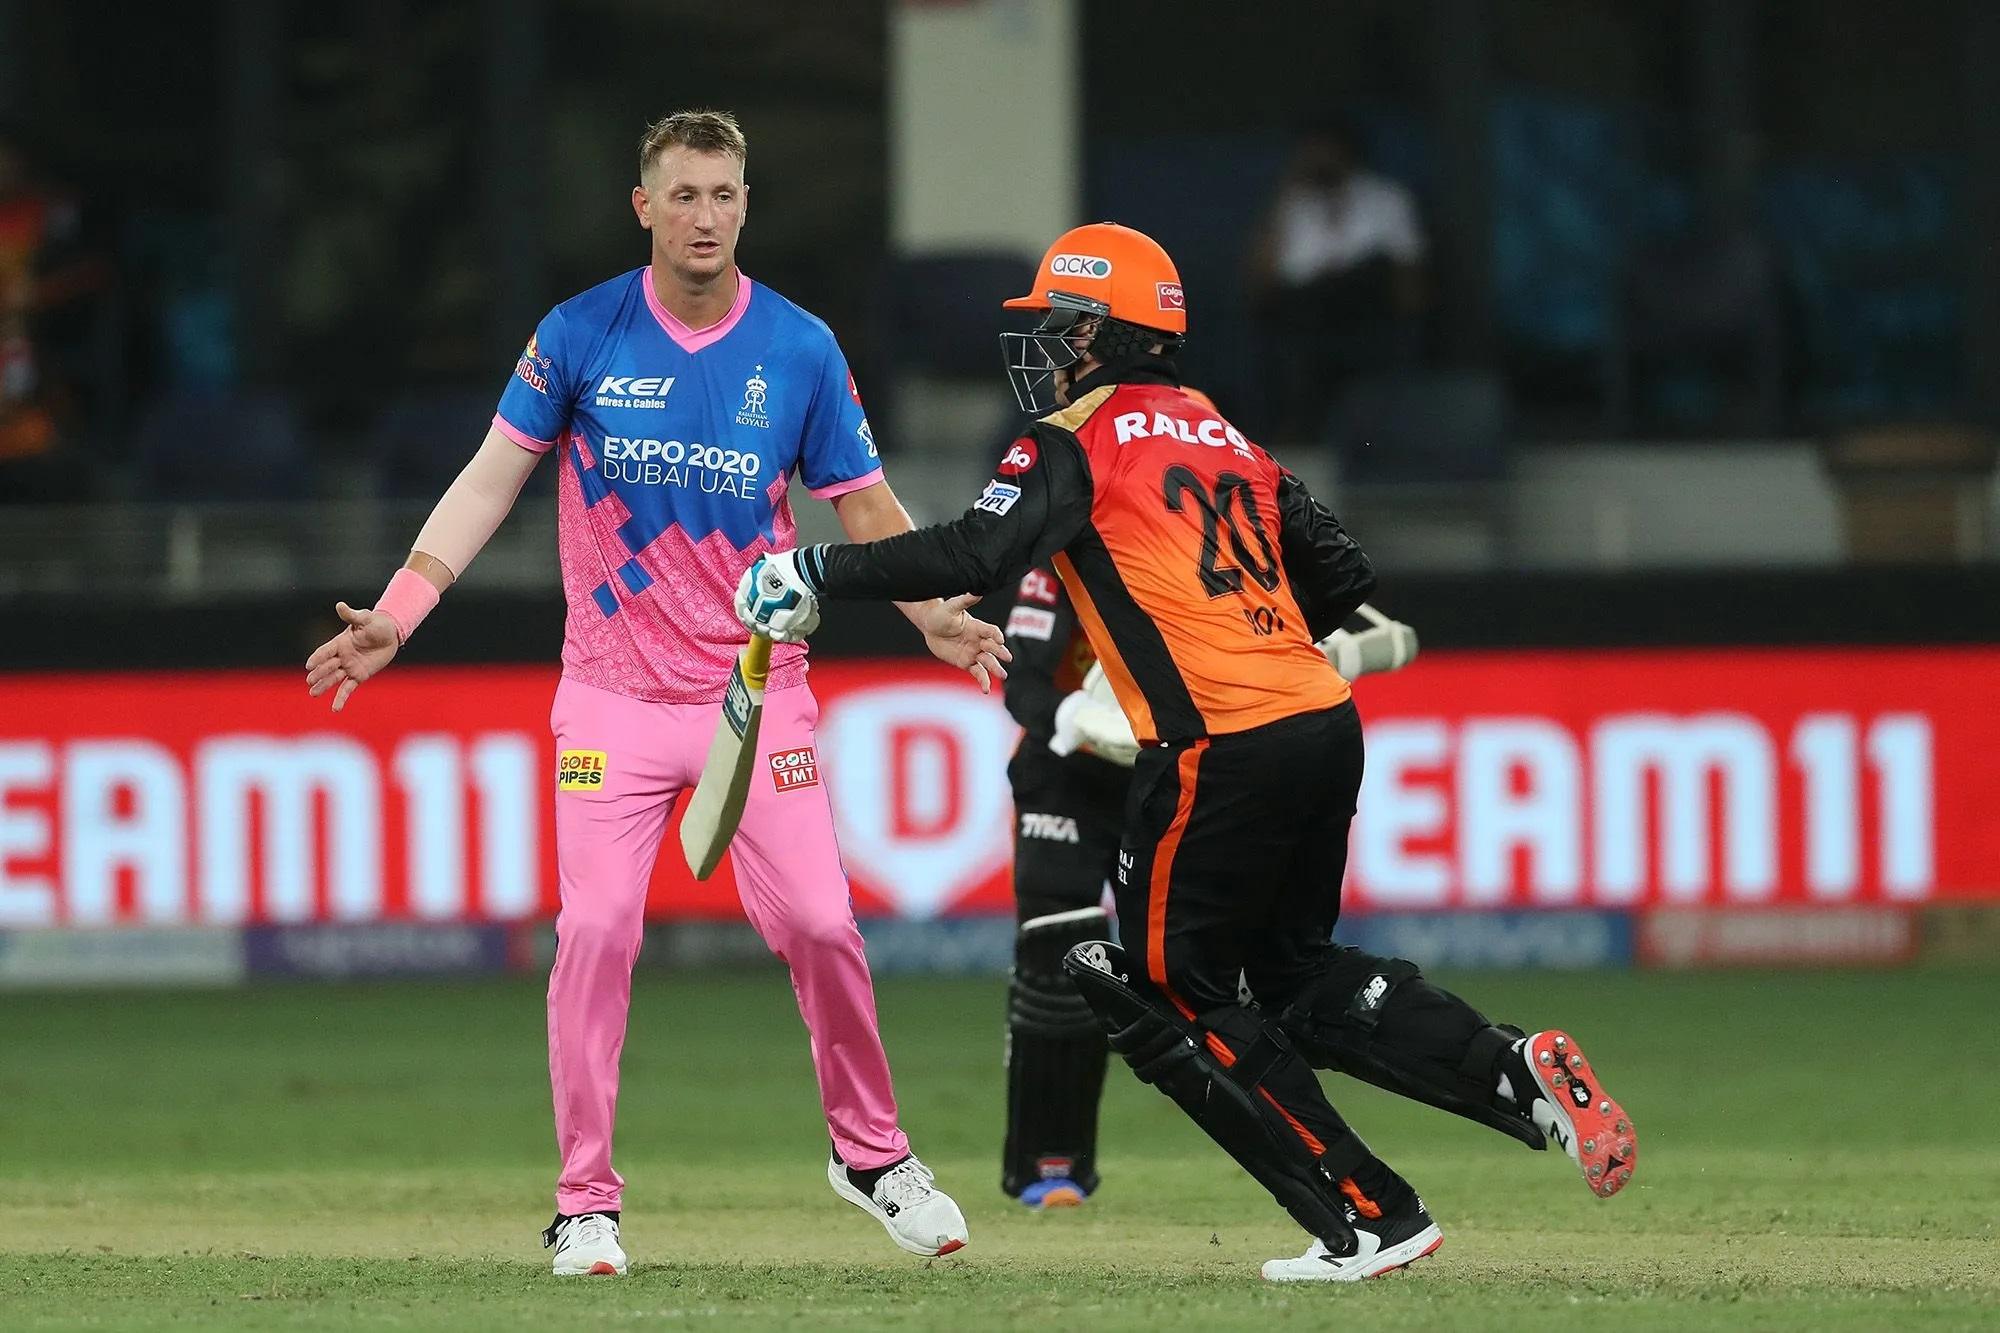 इस तस्वीर में बाईं ओर हाथ फैलाए लंबे कद के खिलाड़ी क्रिस मॉरिस हैं। इन्हें 2021 की IPL नीलामी में राजस्थान रॉयल्स ने 16.25 करोड़ में खरीदा था, लेकिन एक जरूरी मैच में इन्होंने 1 ओवर में 18 रन खर्च कर डाले। इसमें जेसन रॉय ने इन्हें 3 चौके मारे और चौथा चौका रॉय के पैड में लगकर चला गया।